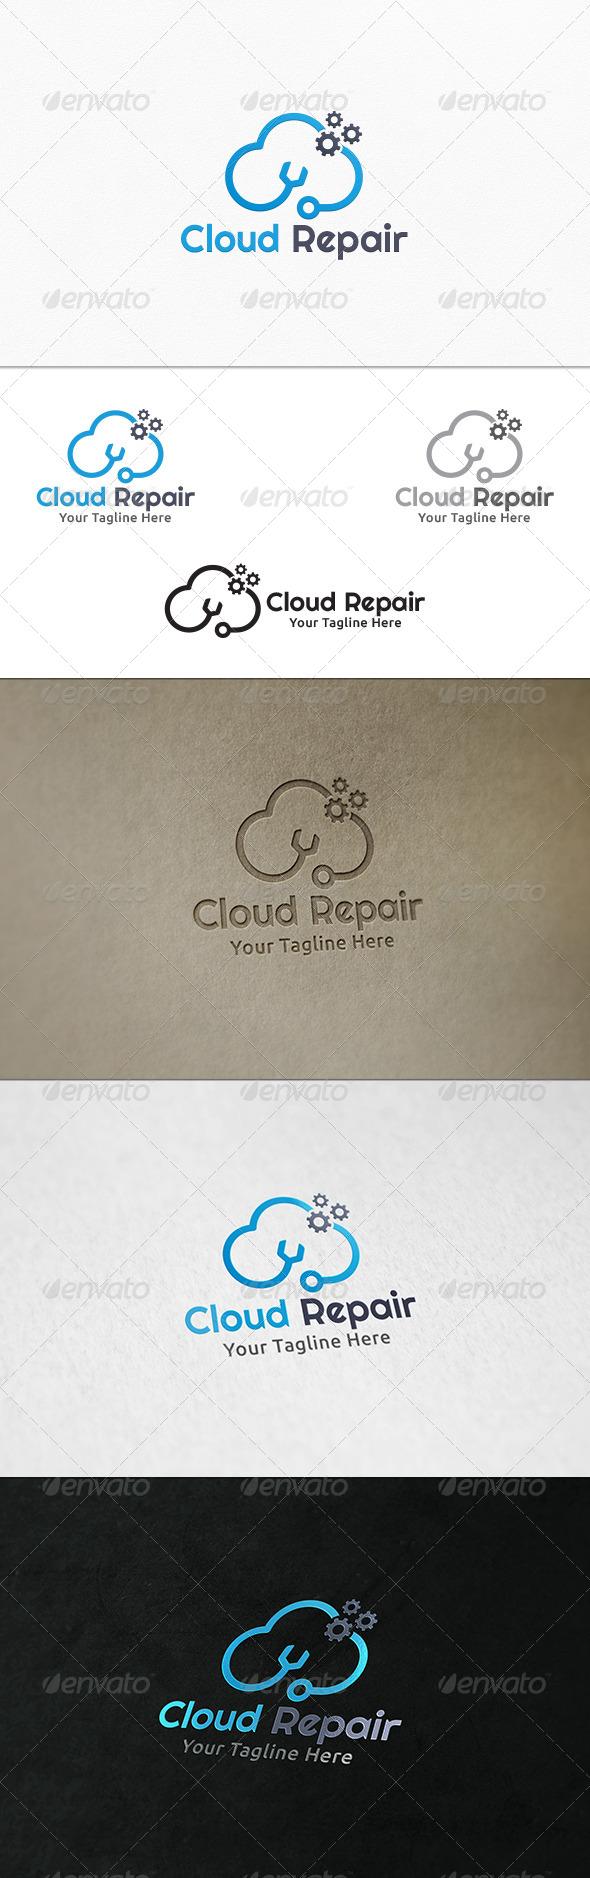 GraphicRiver Cloud Repair Logo Template 7920975